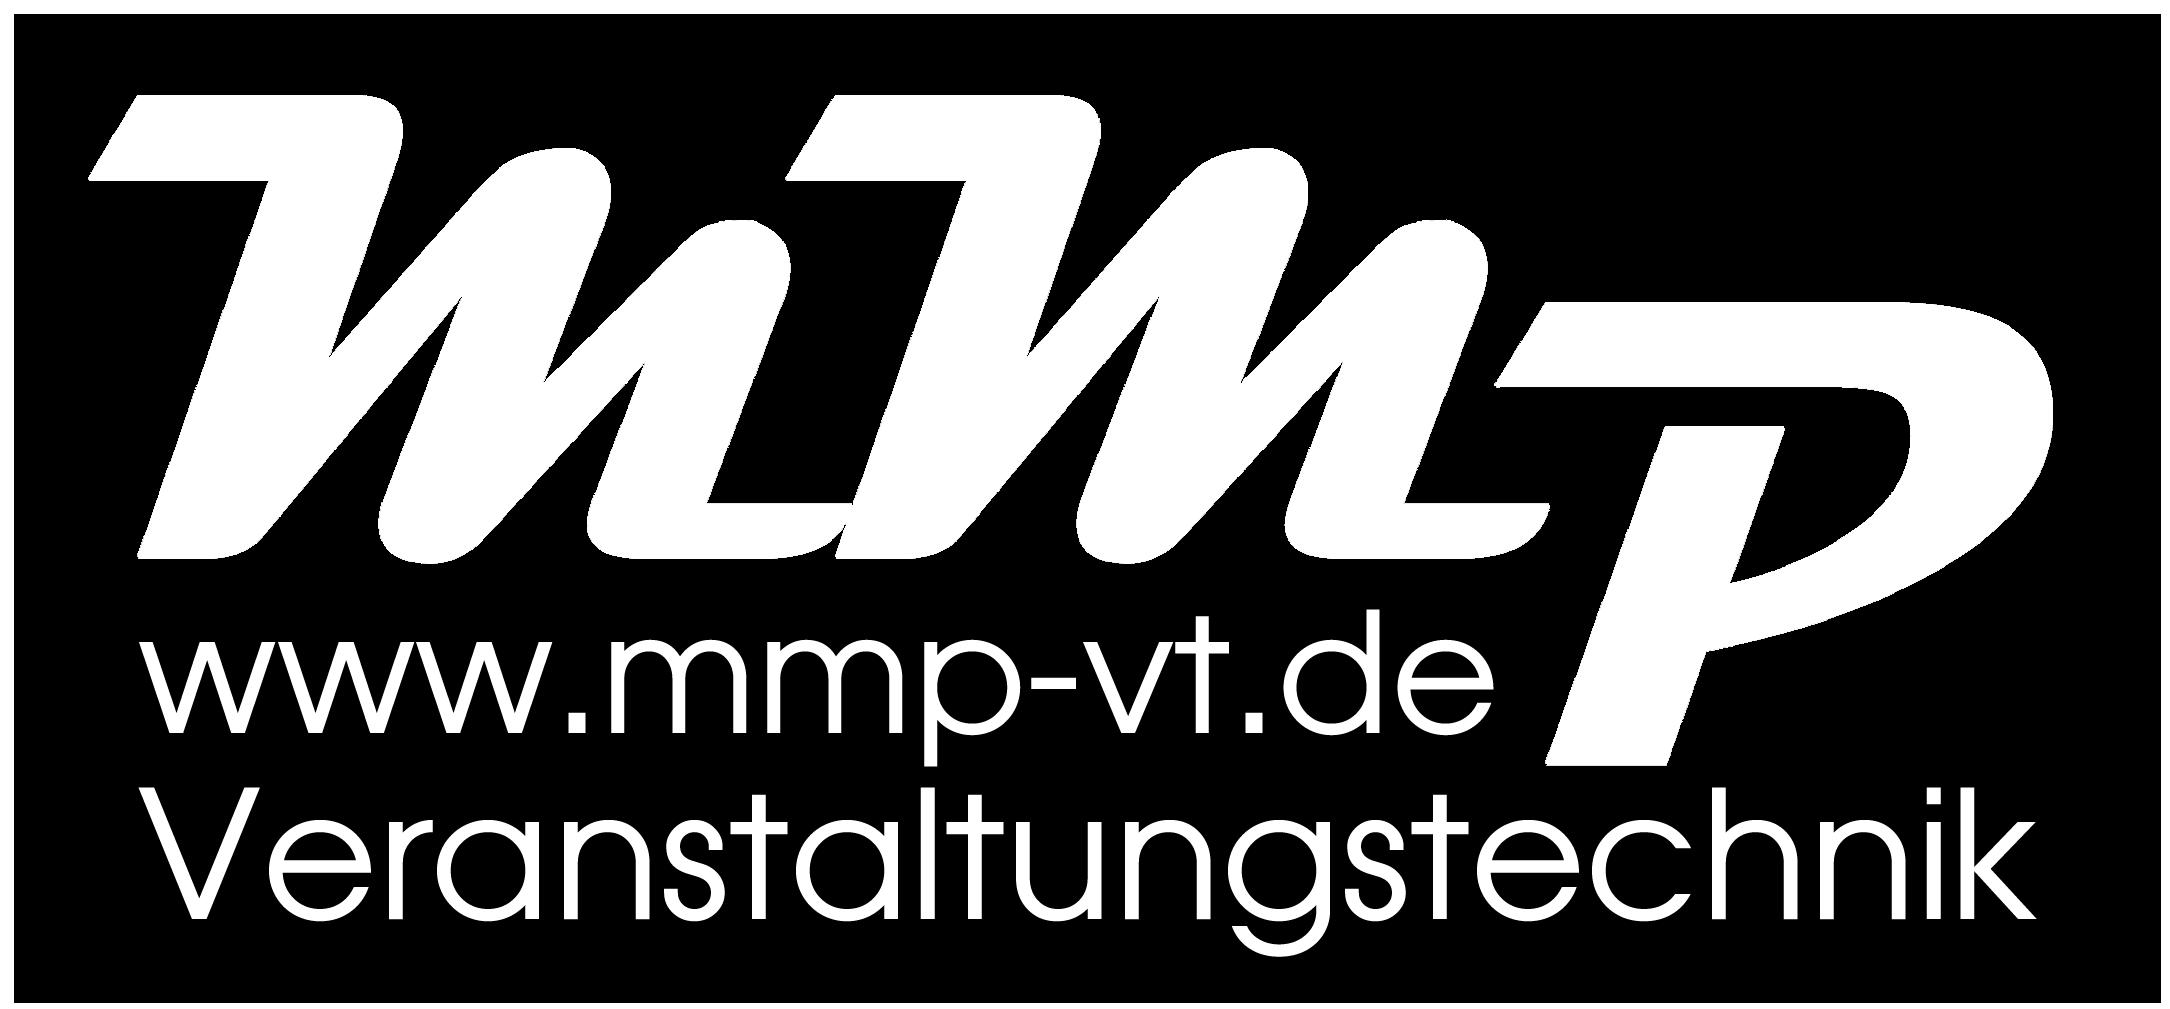 MMP-Veranstaltungstechnik